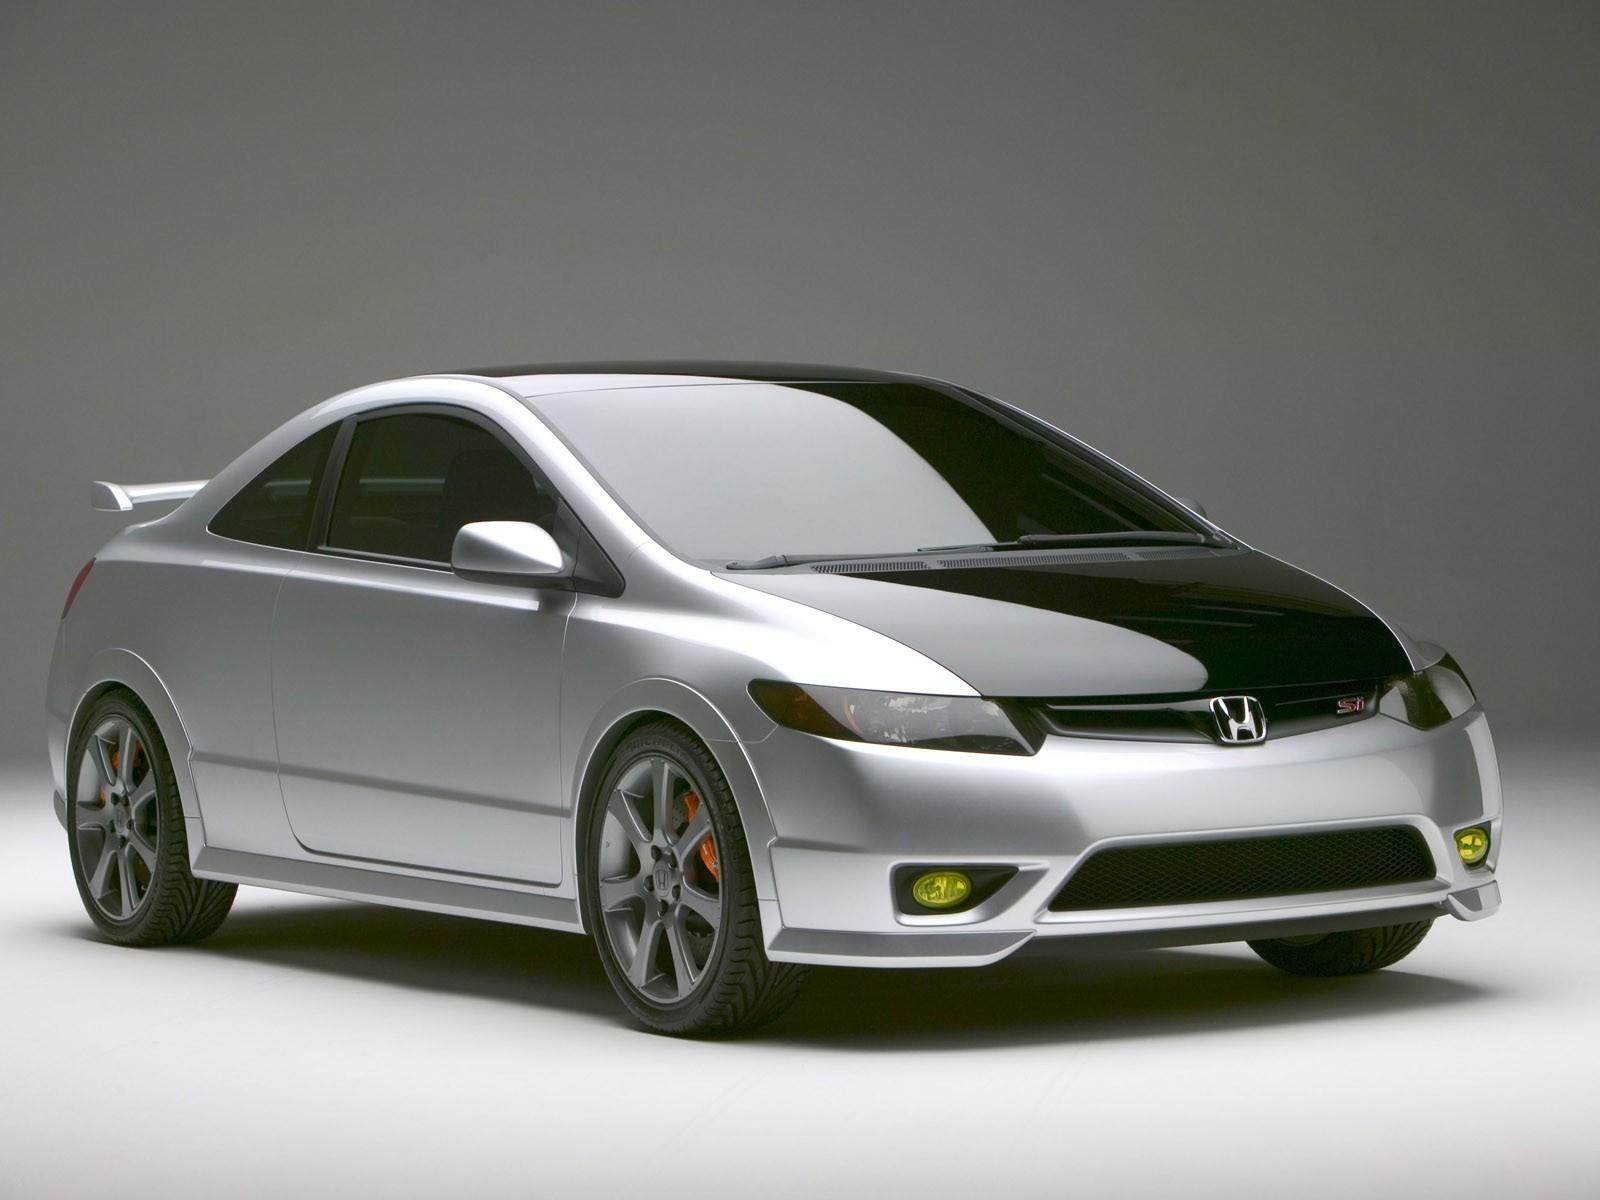 Honda Civic 2005 Auto Car